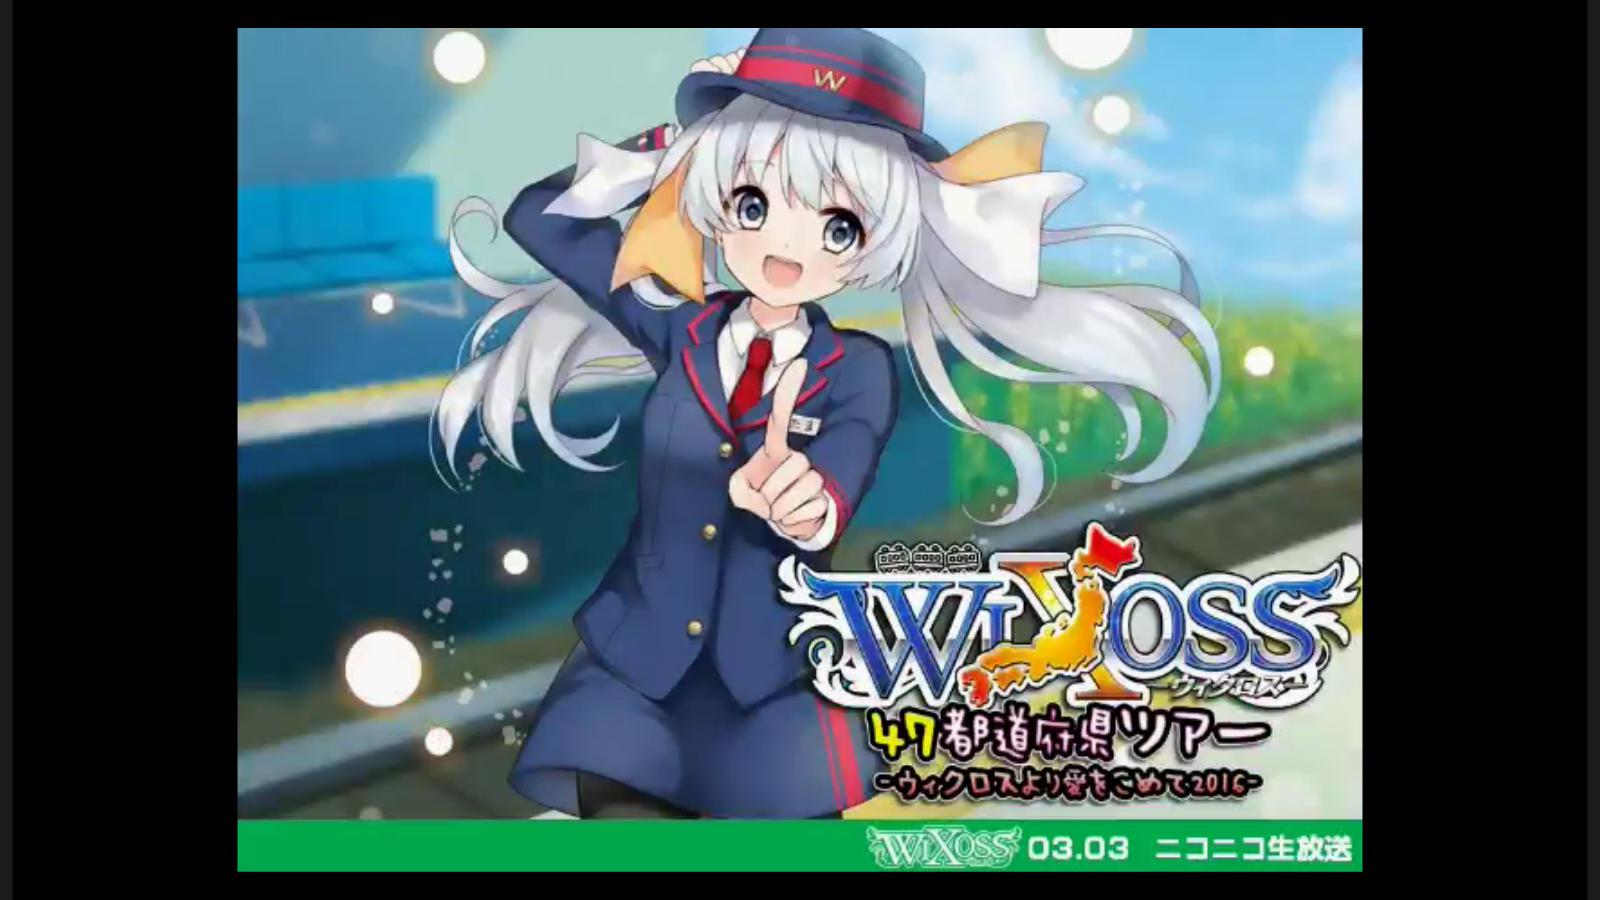 wixoss-live-160304-003.jpg